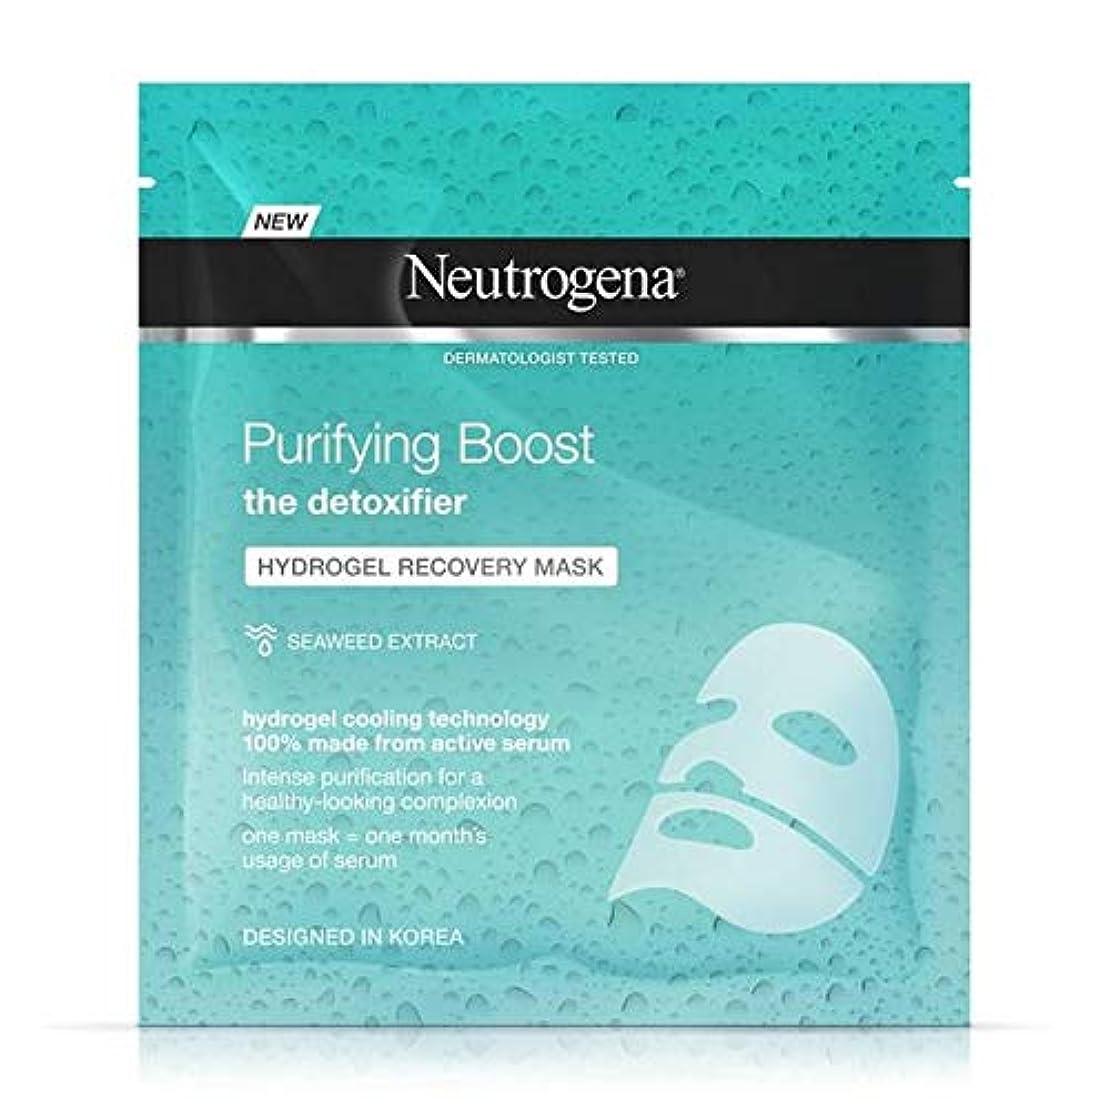 肖像画自発的固有の[Neutrogena] ニュートロジーナ浄化ブーストハイドロゲルマスク30ミリリットル - Neutrogena Purifying Boost Hydrogel Mask 30ml [並行輸入品]